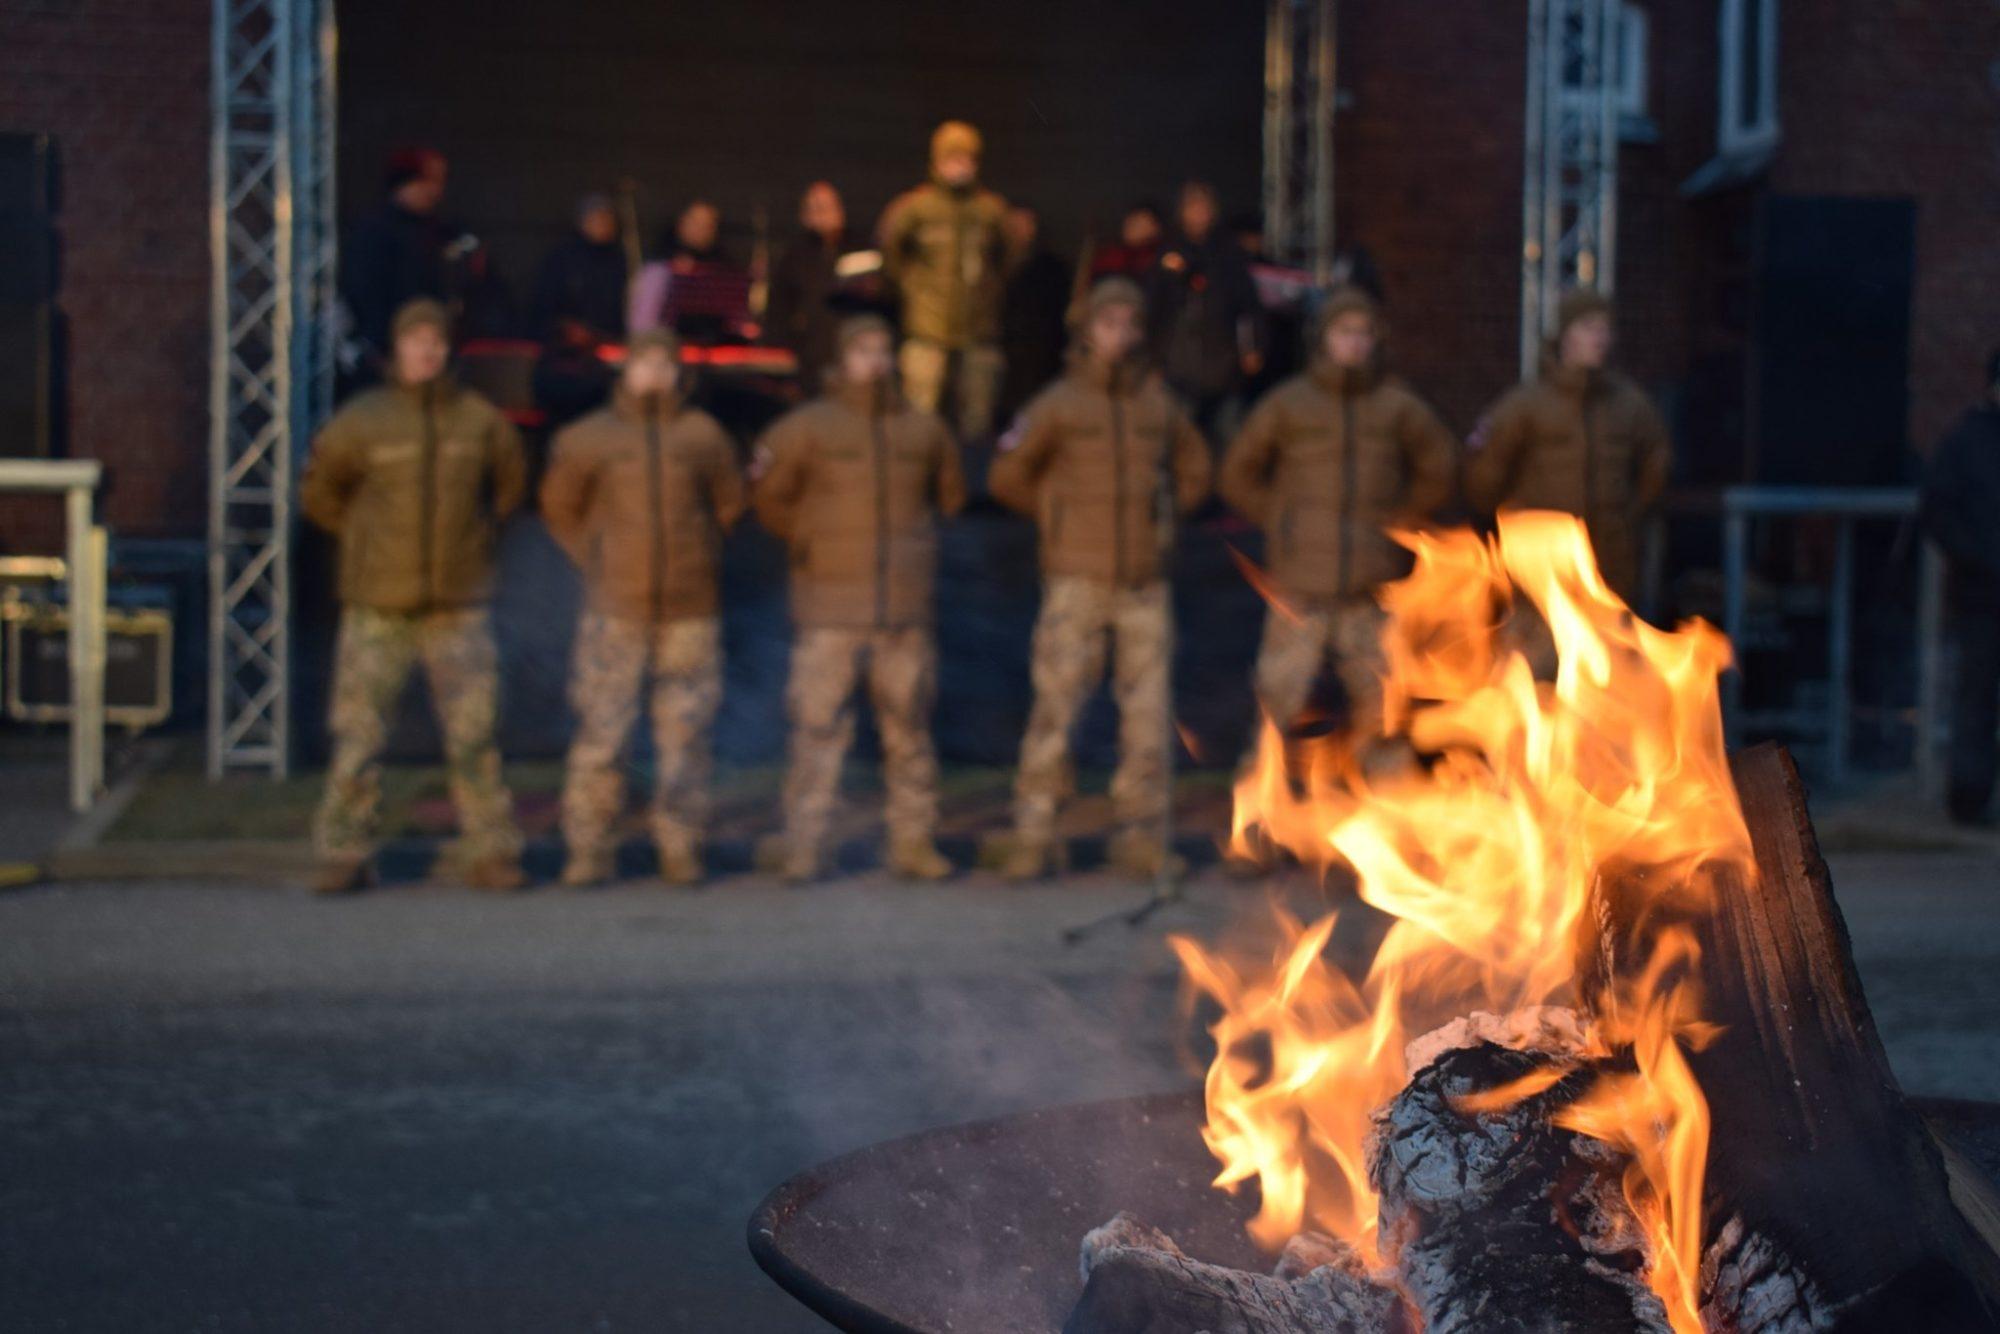 В этом году мероприятие памяти баррикад – под знаком  единства и флагов